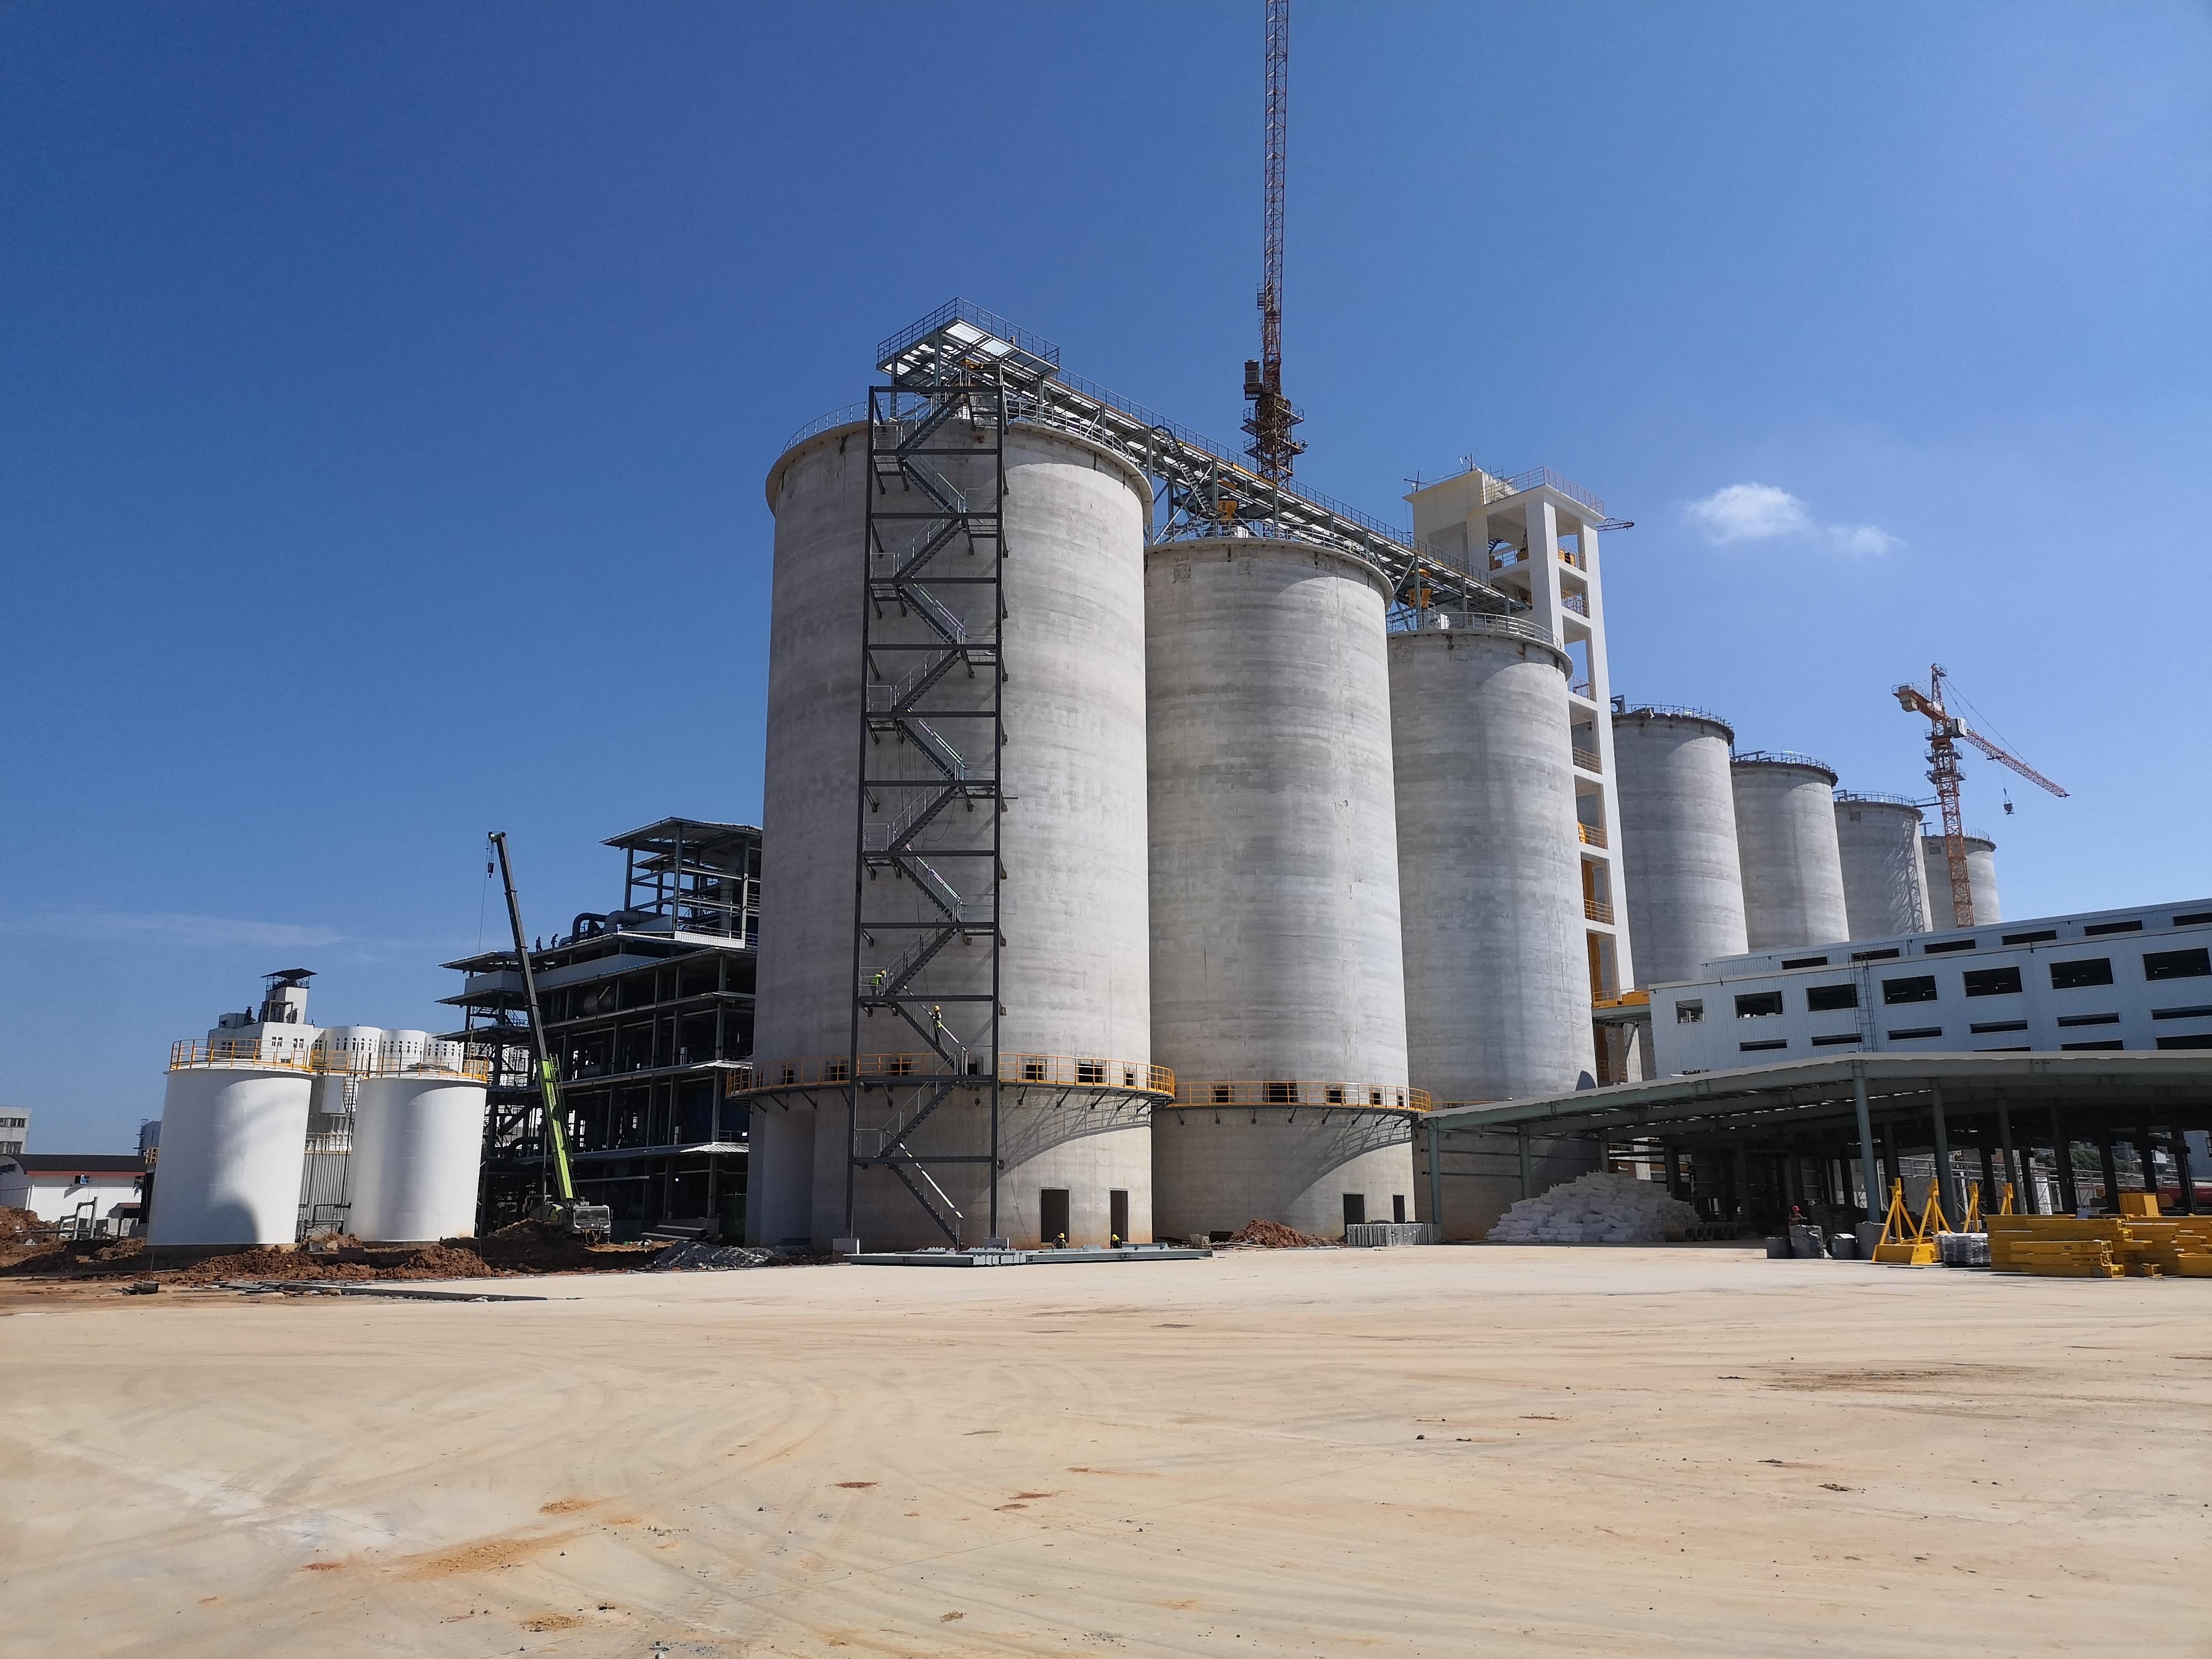 中粮集团九江油脂工厂废气处理设备安装进行中.....